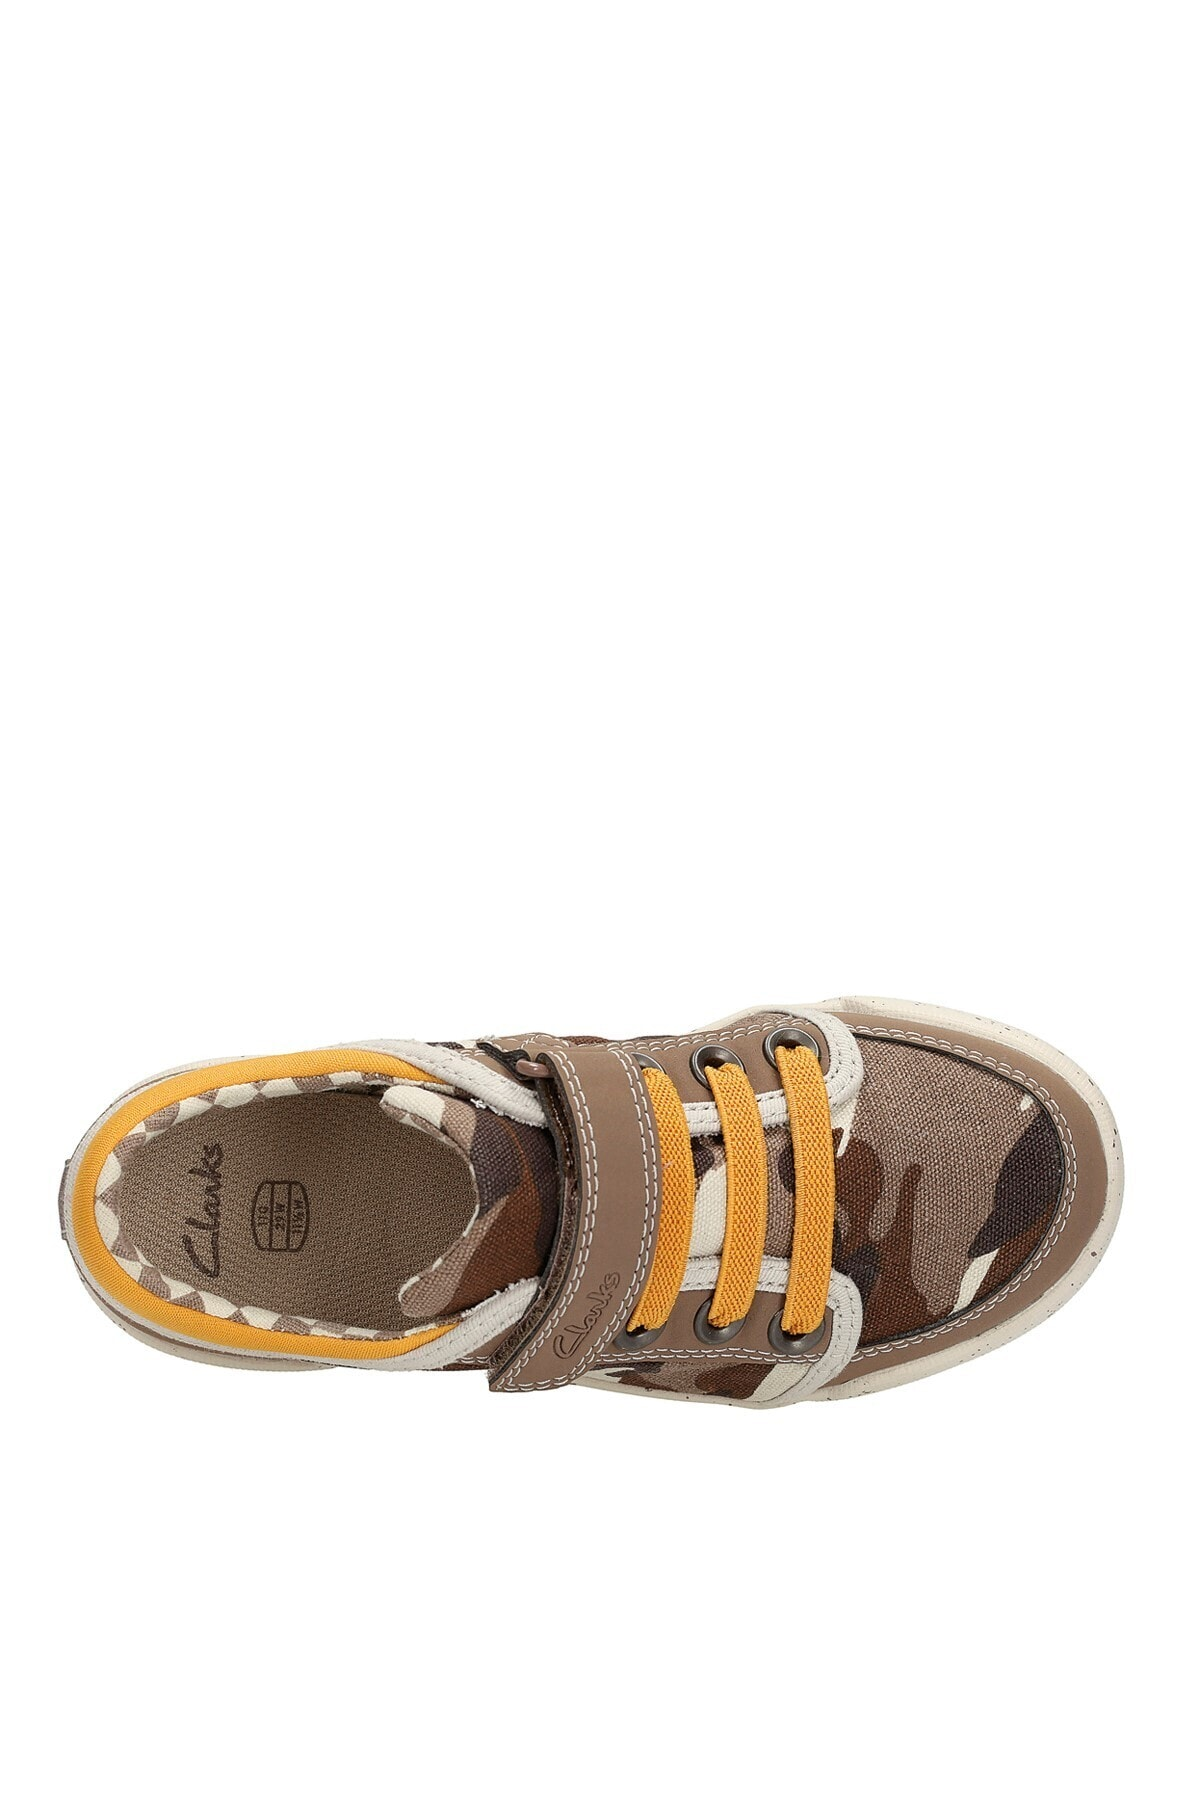 CLARKS Kahverengi Çocuk Ayakkabı 261050117 2